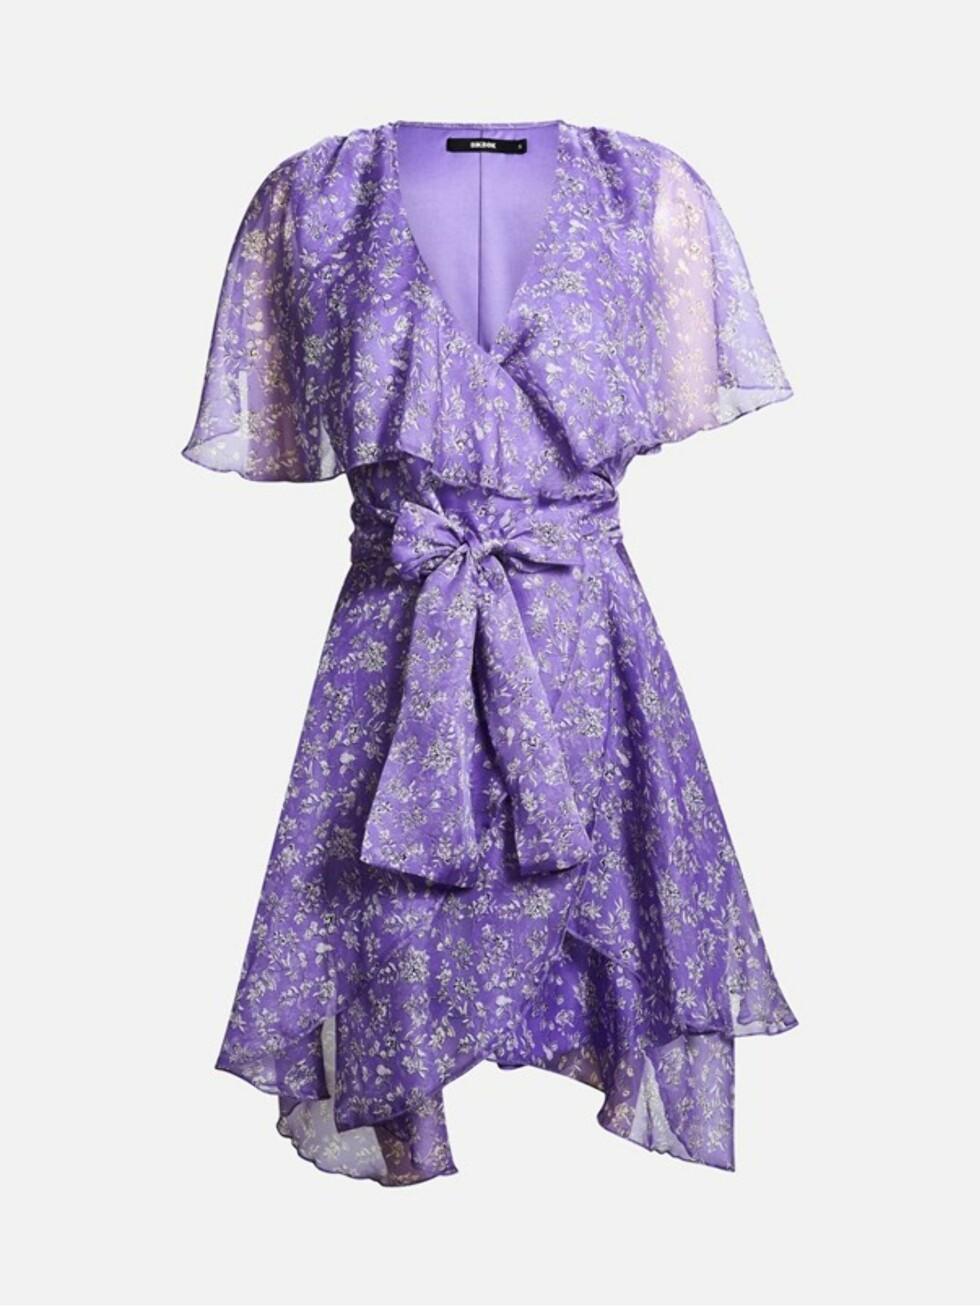 Lilla kjole fra Bik Bok |349,-| https://bikbok.com/no/p/kjoler/carla-kjole/7218248_F001